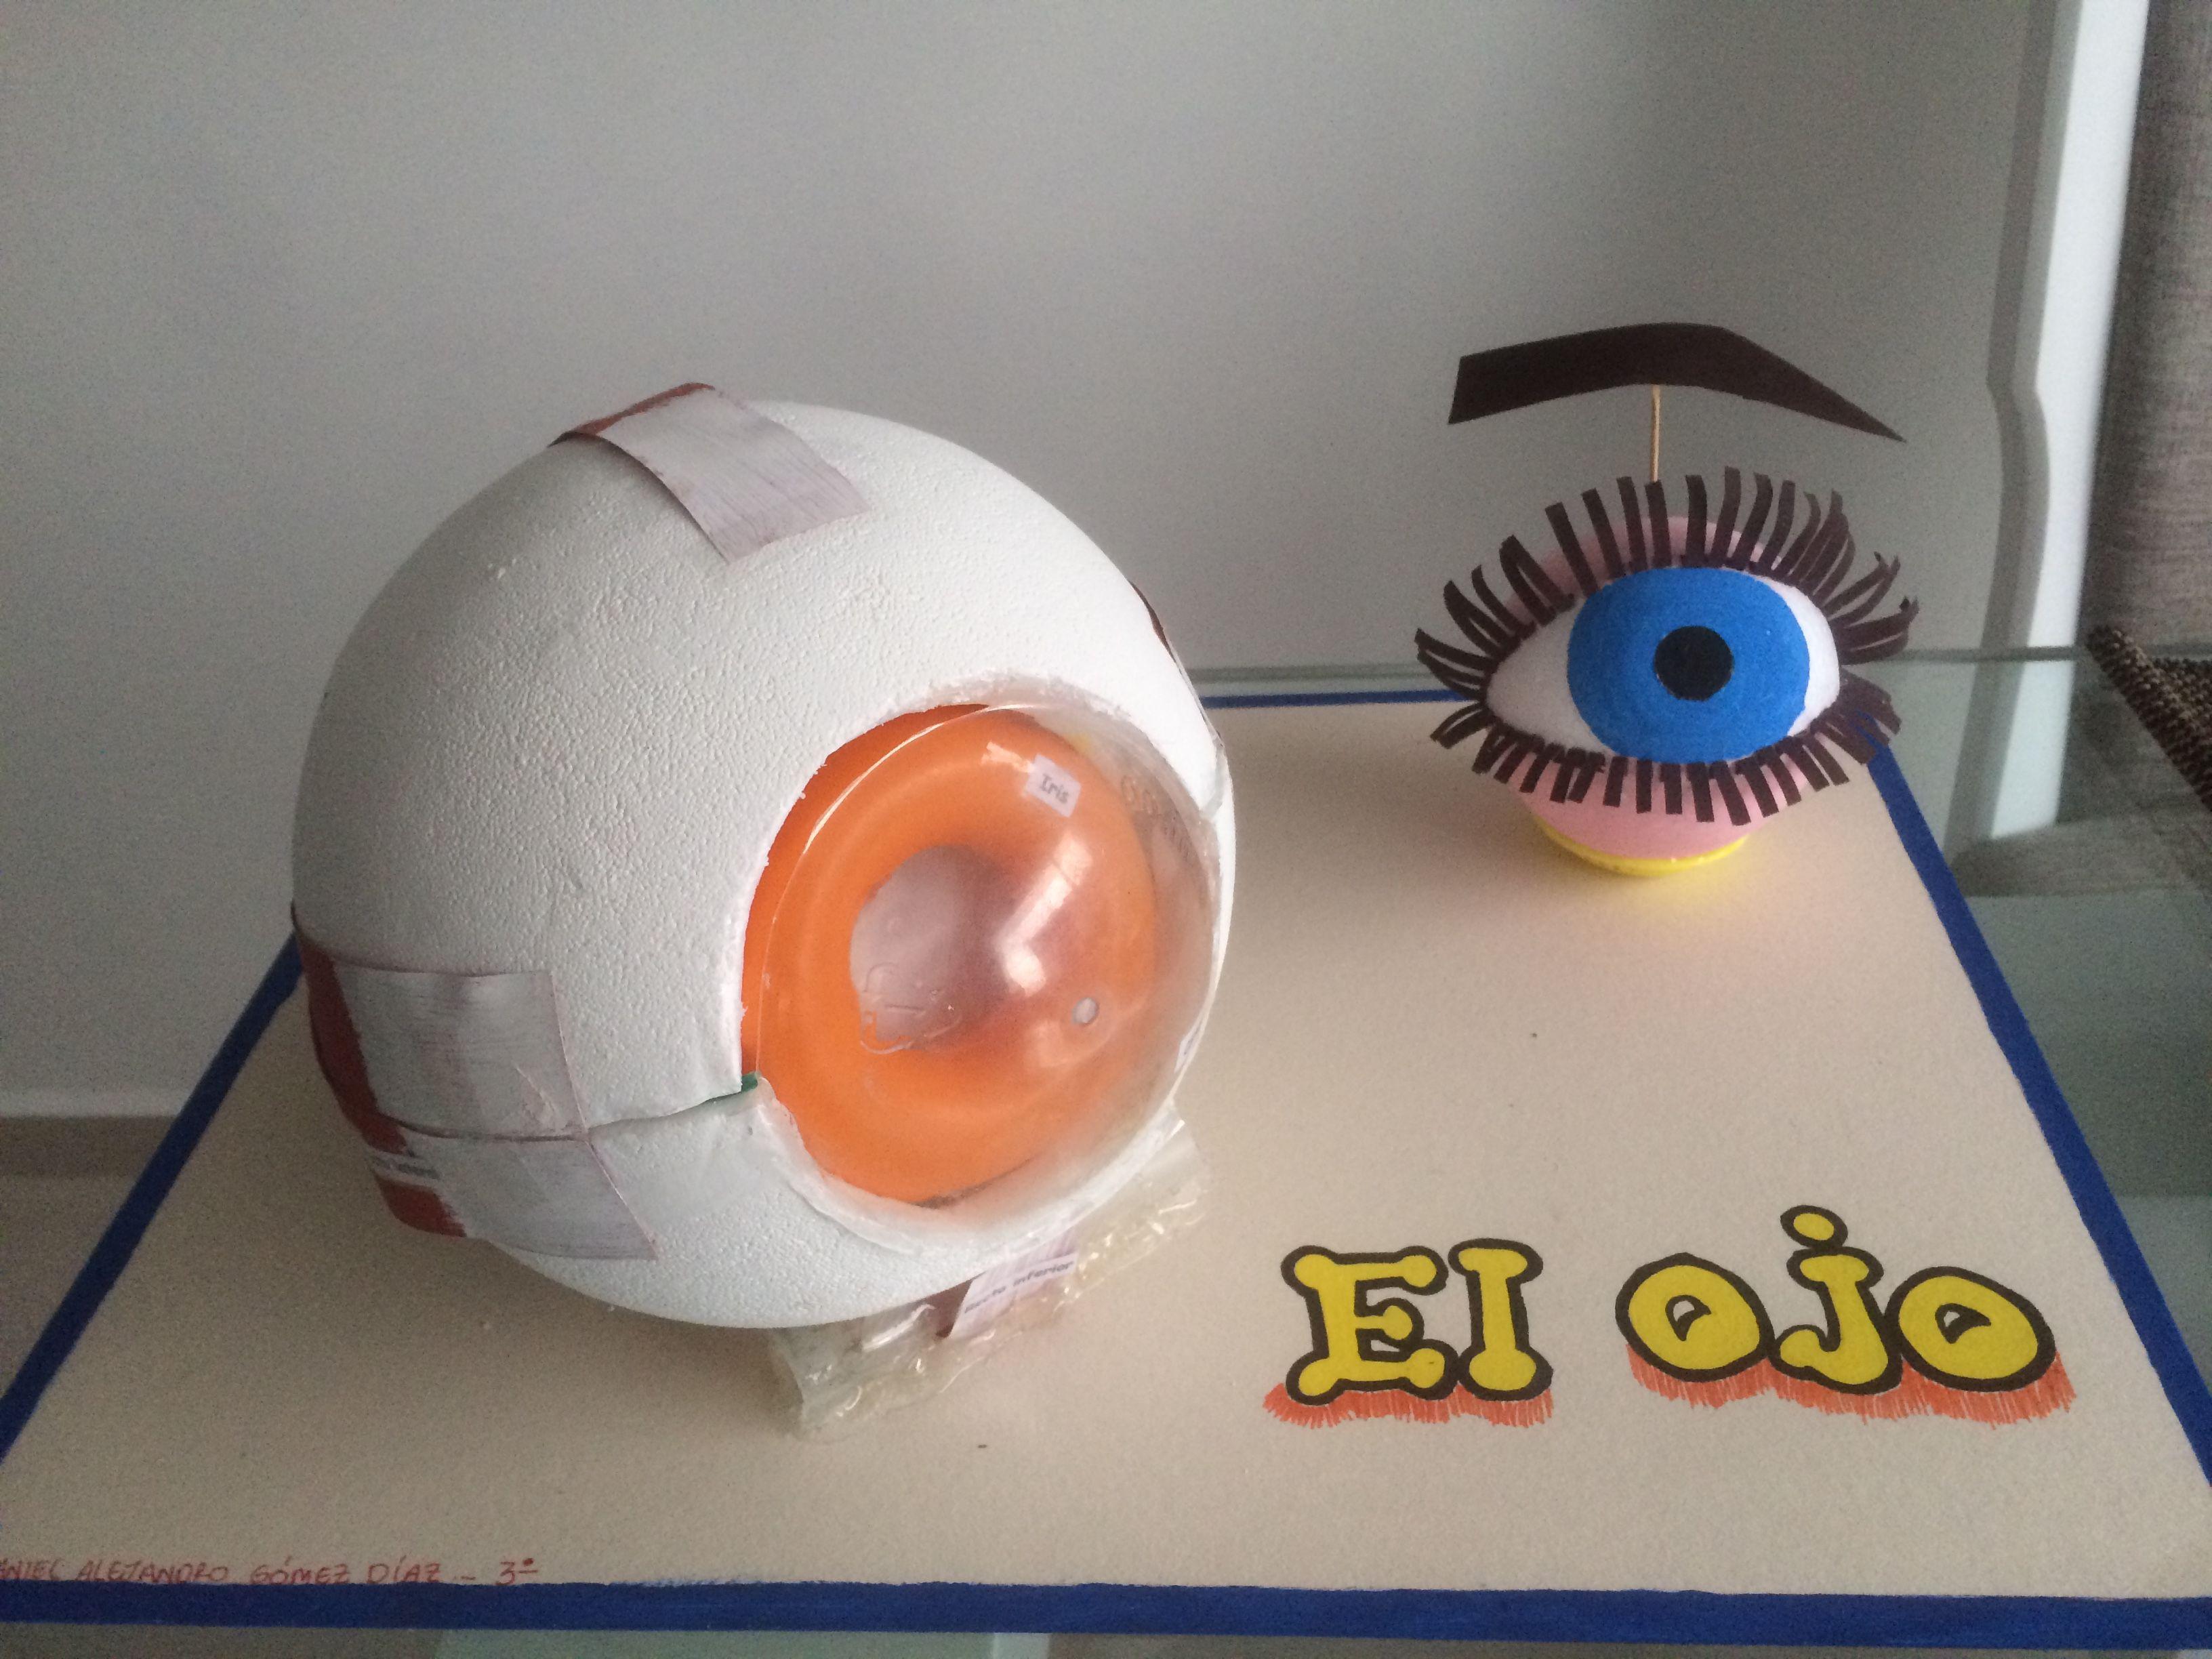 Maqueta ojo humano | Necesario | Pinterest | Ojo humano, Maquetas y Ojos